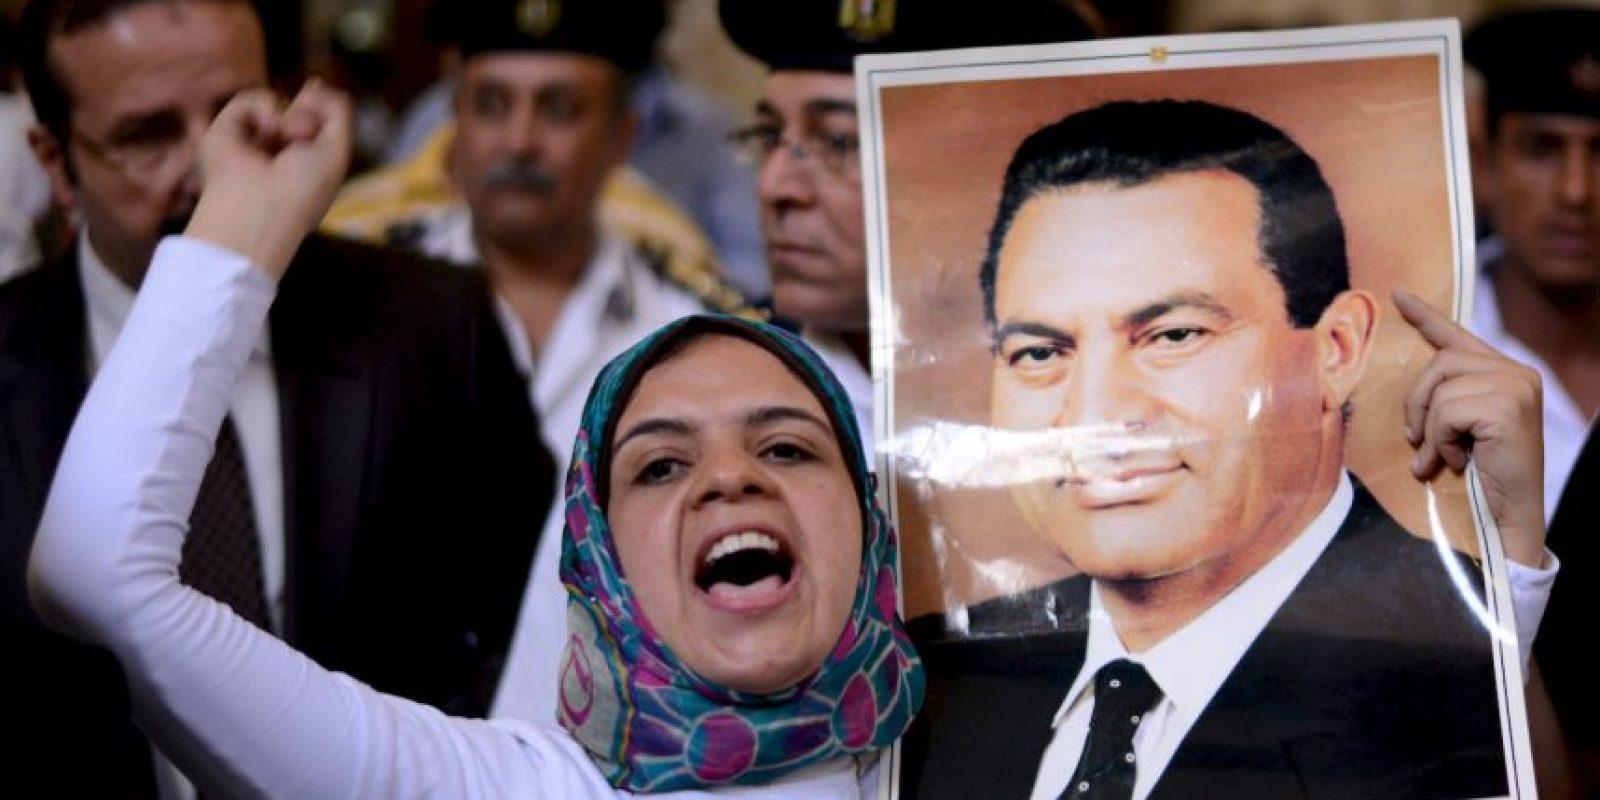 Tras gobernar el país por cerca de 30 años, Mubarak renunció a su cargo el 11 de febrero de 2011 tras una serie de protestas multitudinarias. Foto:AFP